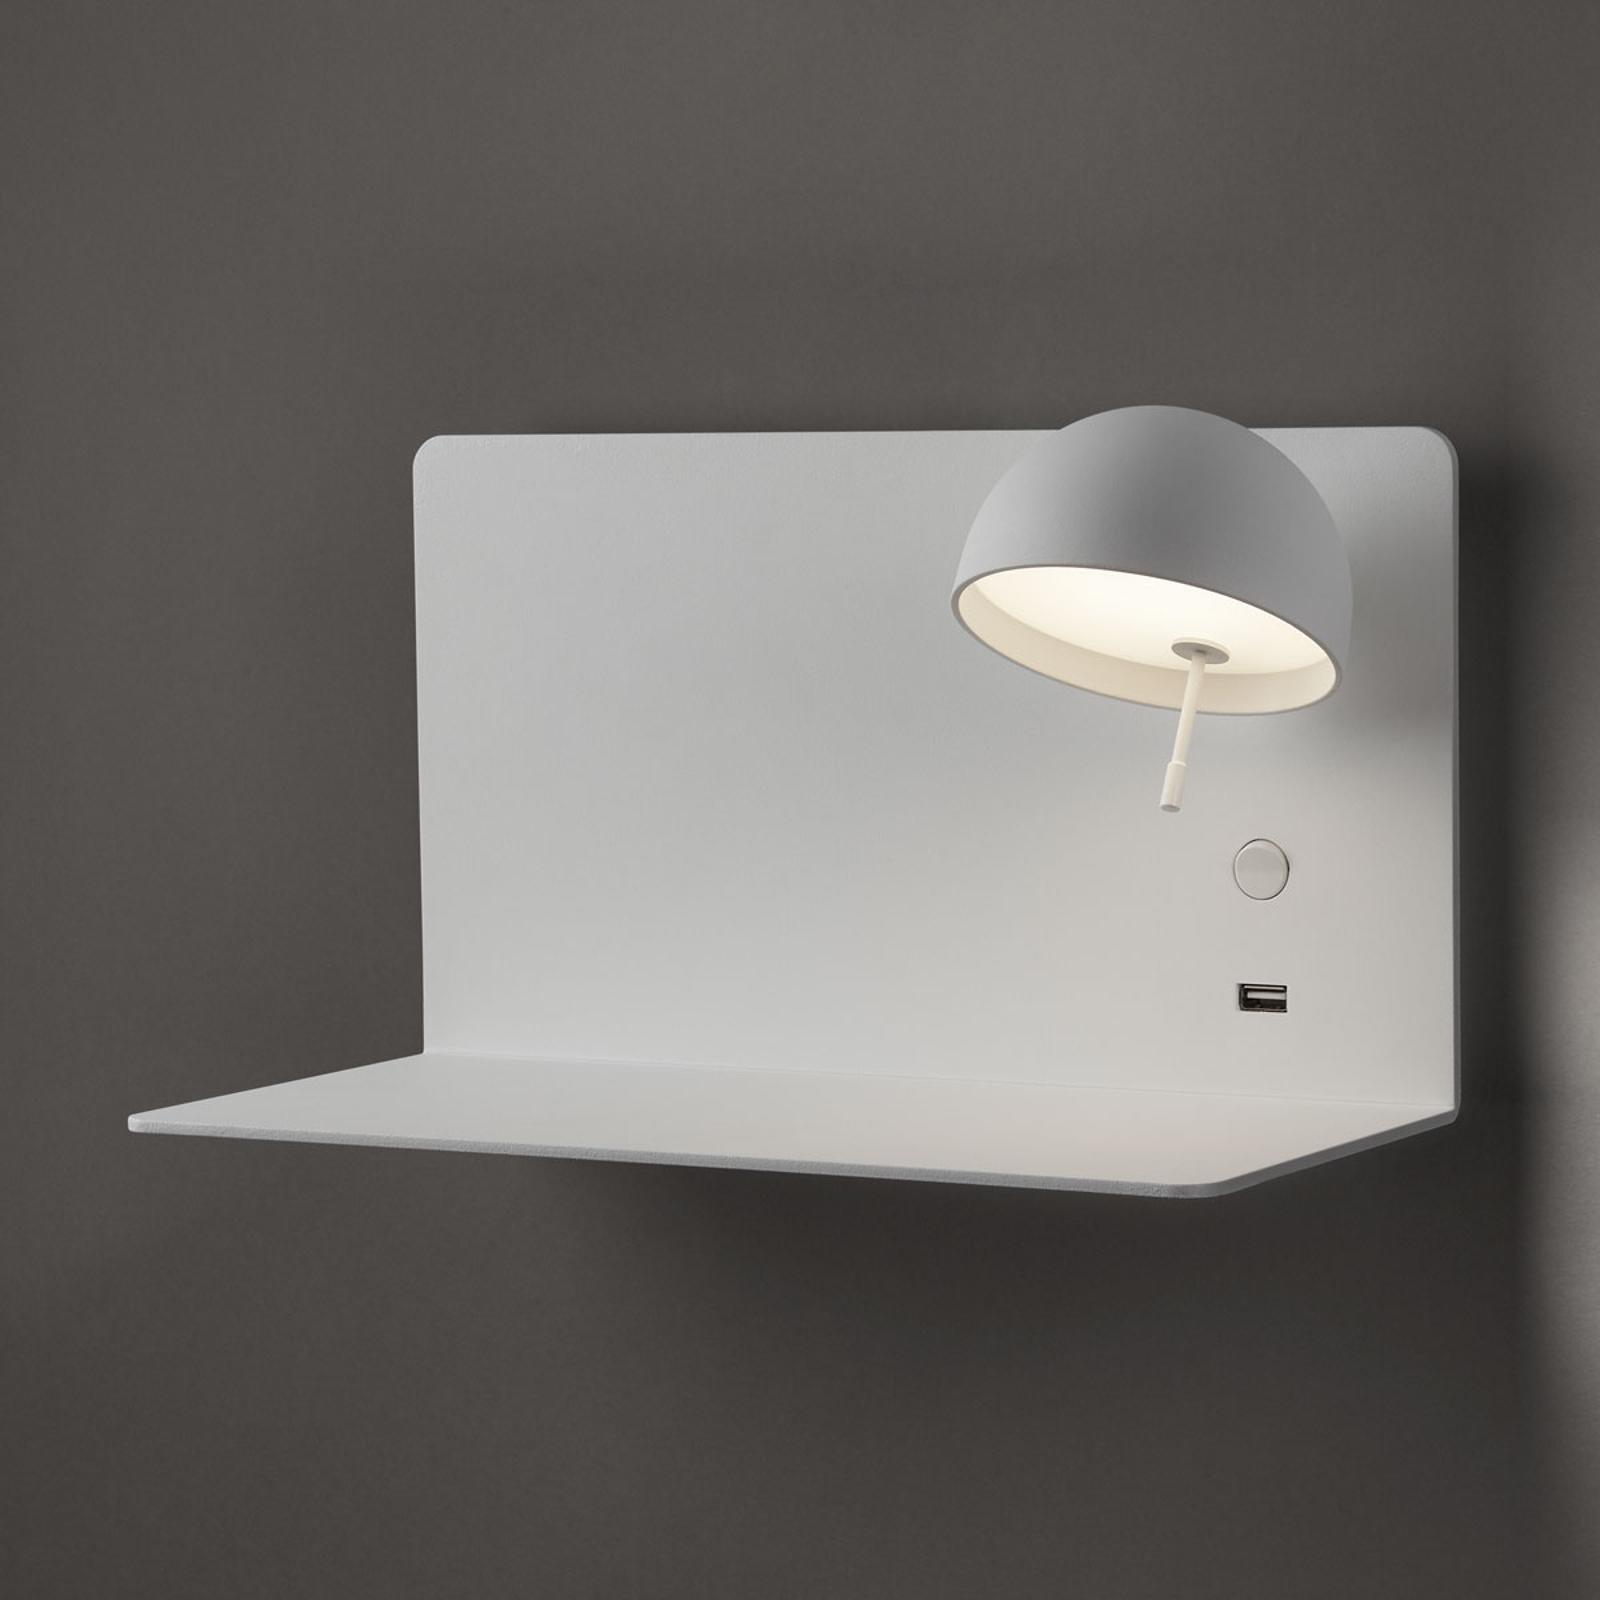 Bover Beddy A/03 LED wandlamp wit spot rechts